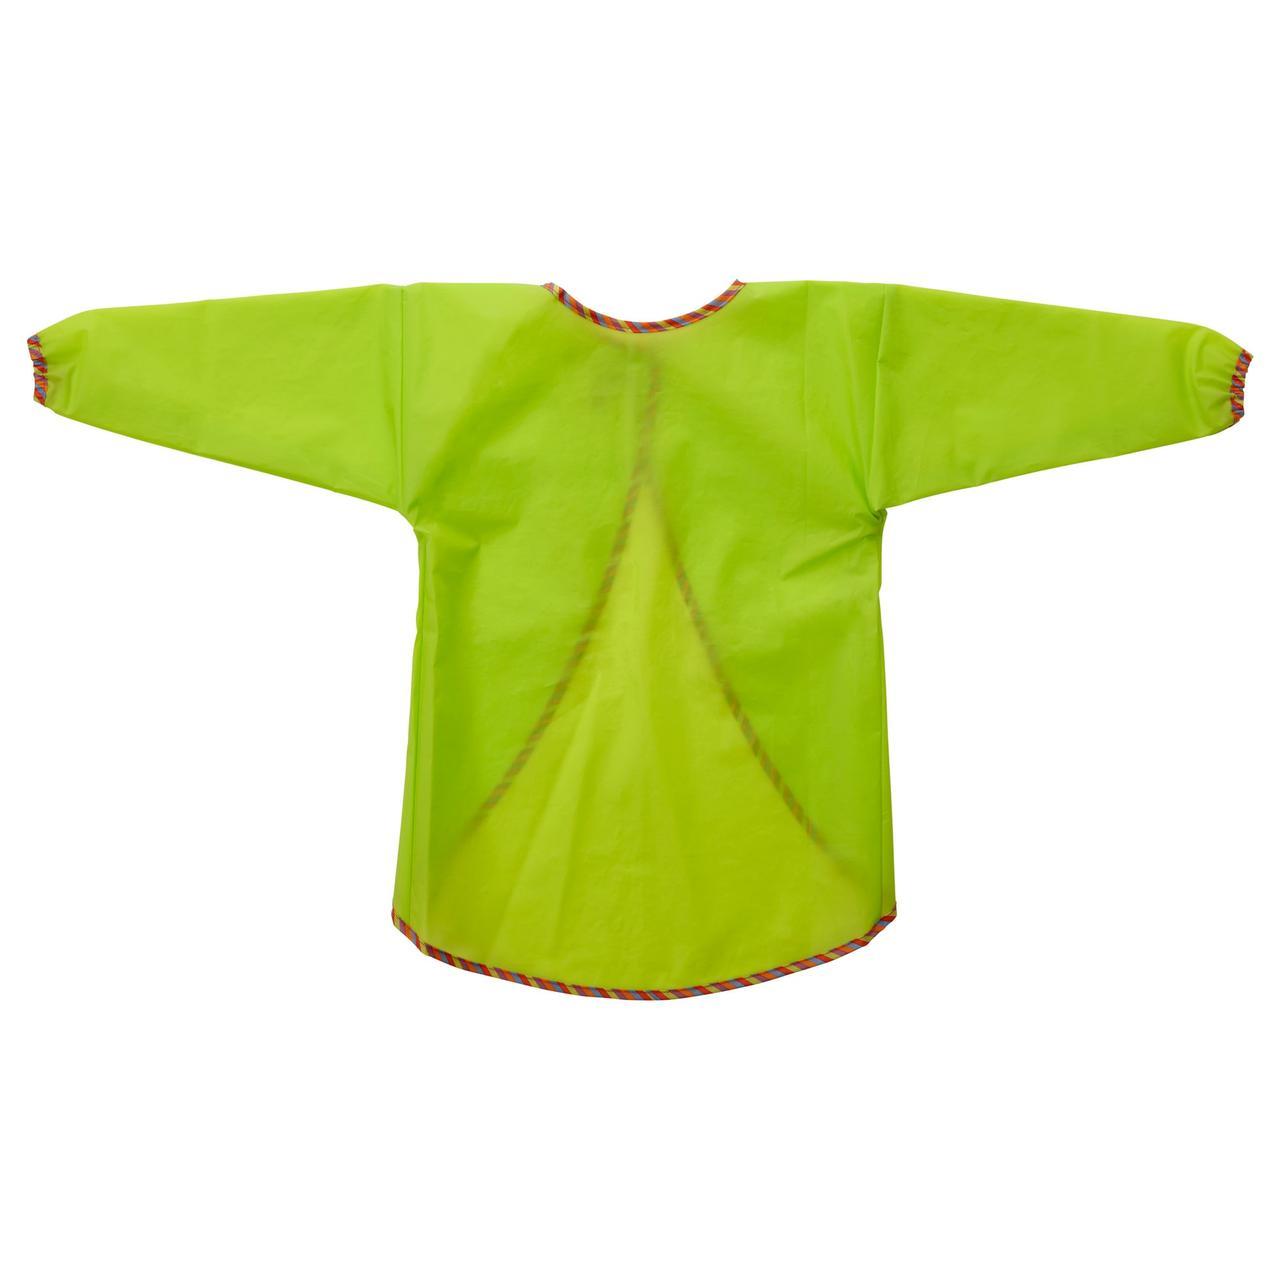 МОЛА Фартук с длинными рукавами, зеленый